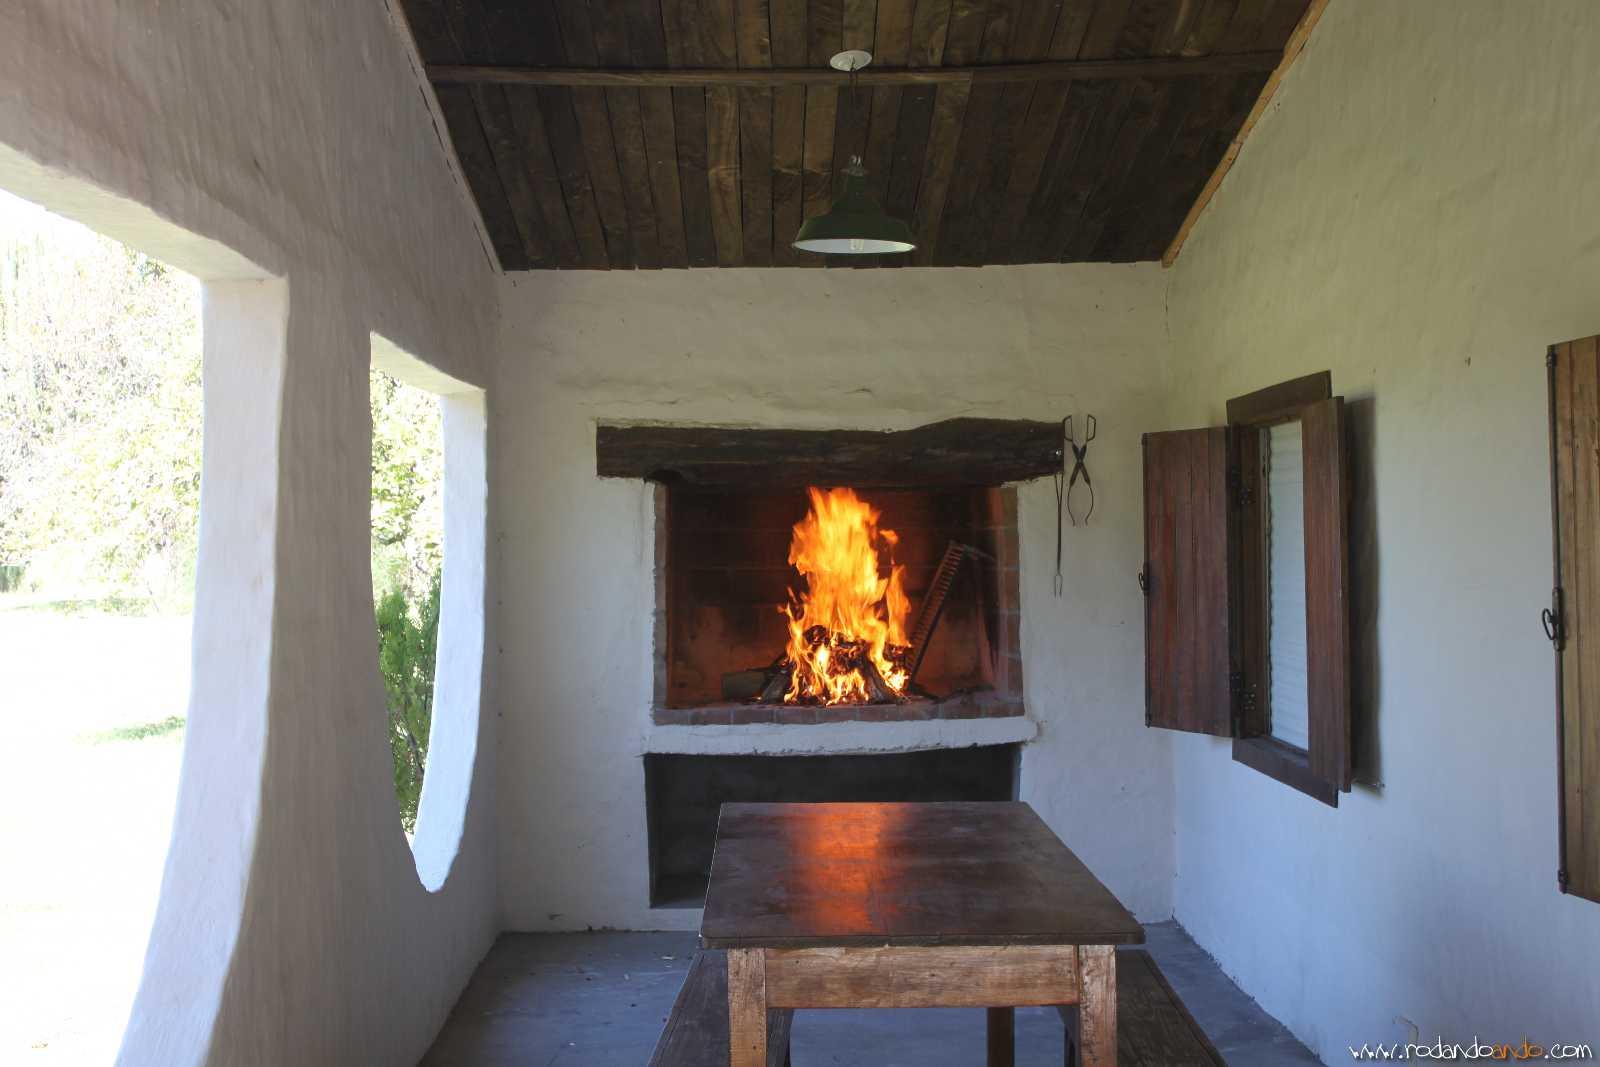 Preparando el Fuego para el asado